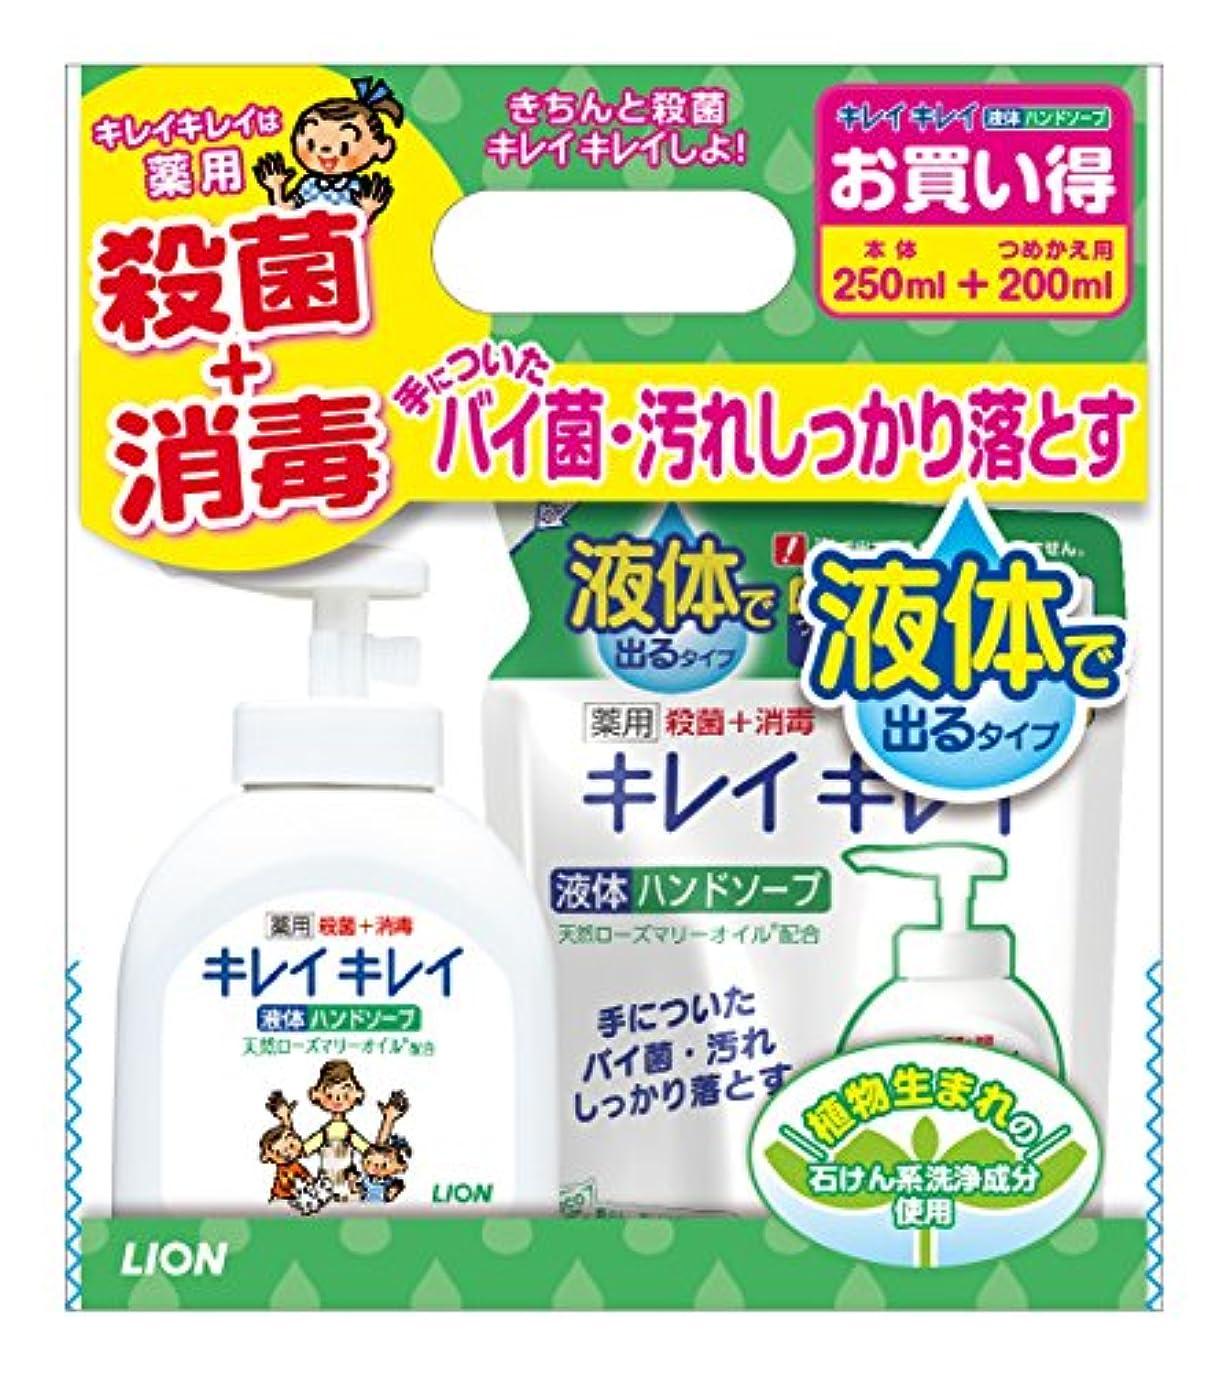 困惑チョップ成熟キレイキレイ 薬用 液体ハンドソープ 本体ポンプ250ml+詰め替え200ml(医薬部外品)